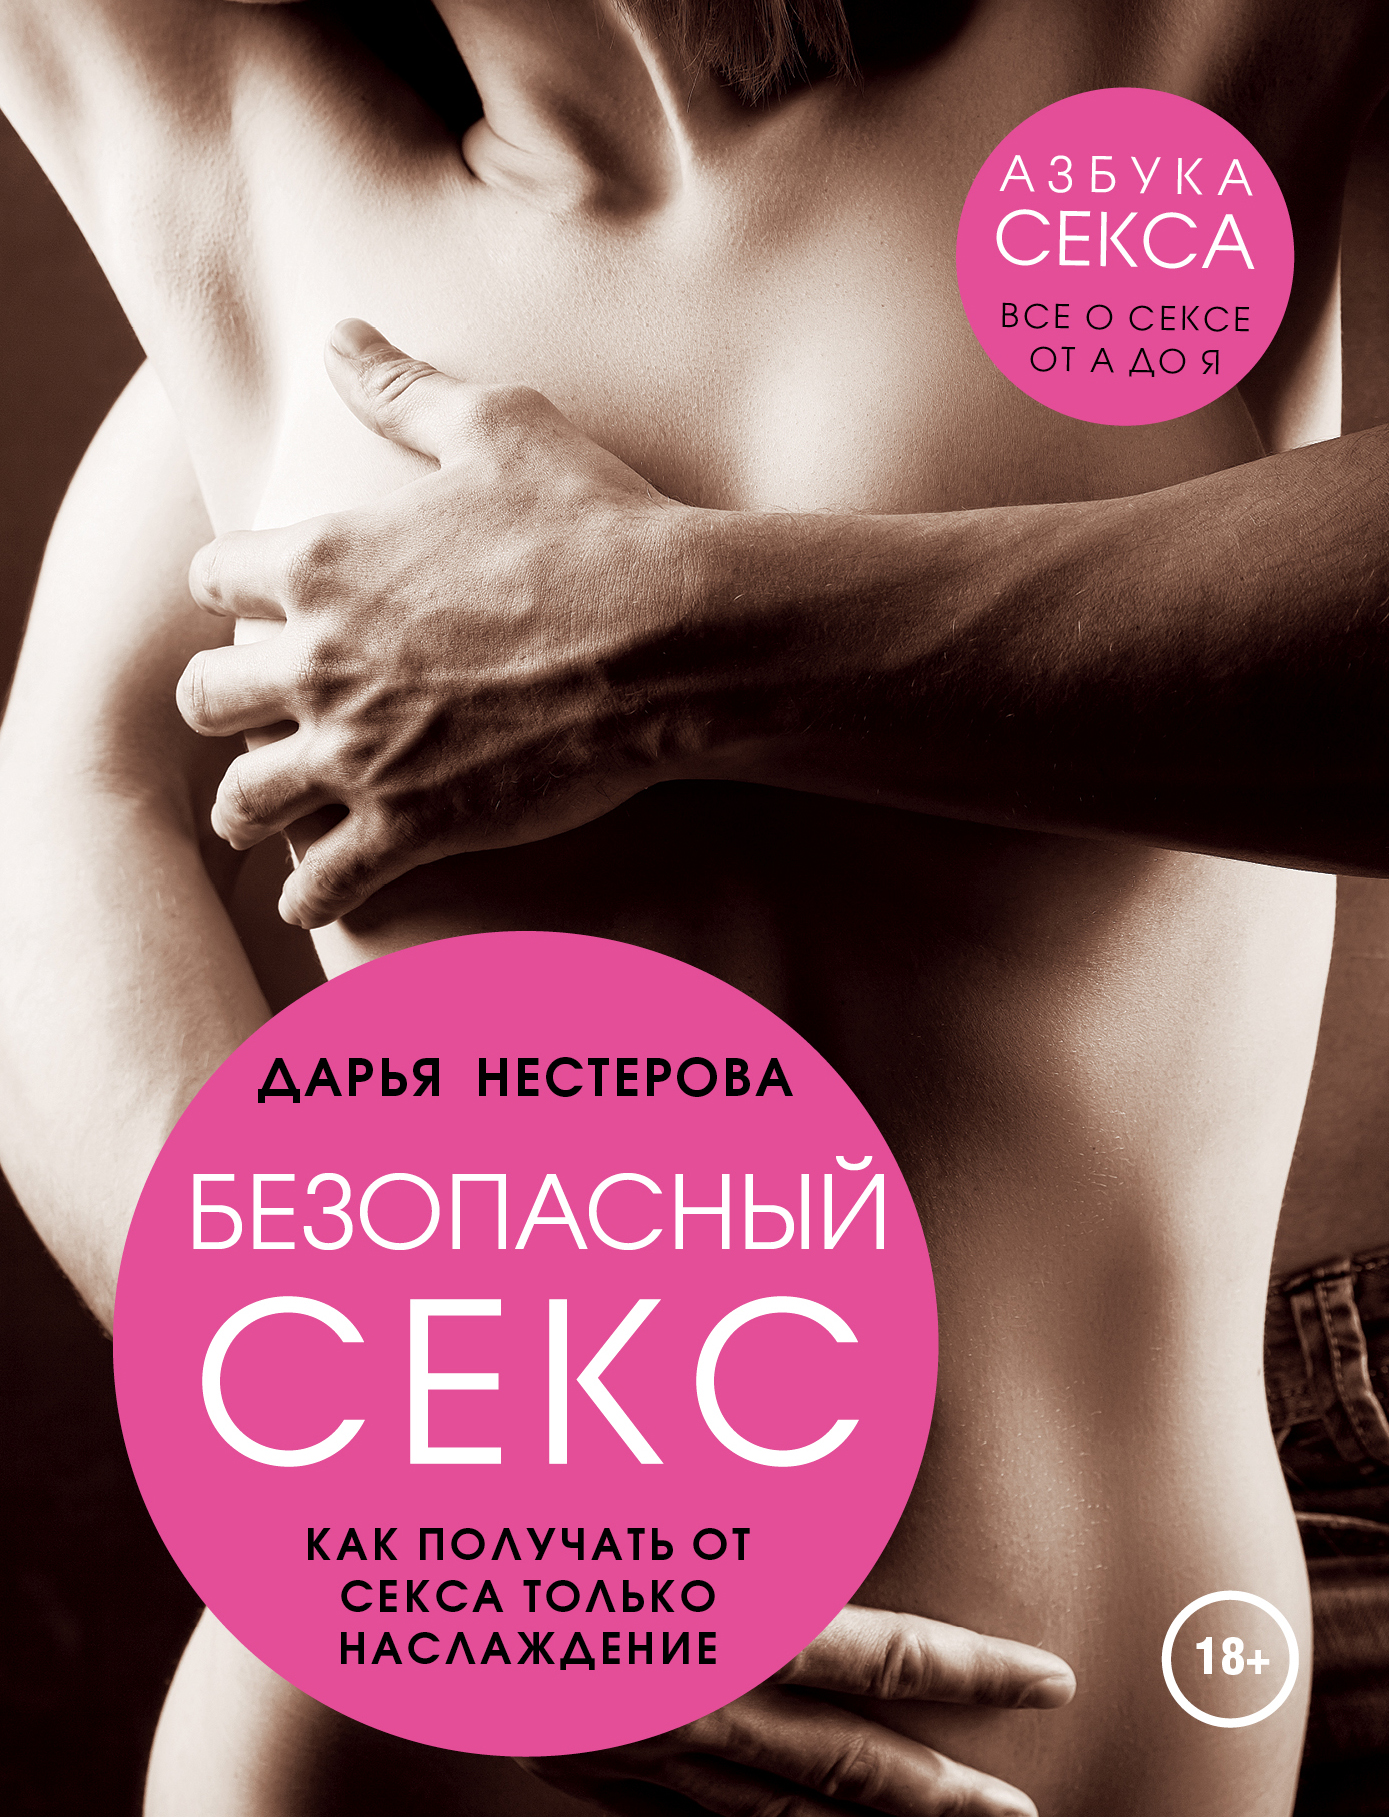 Читать книги секс 2 фотография